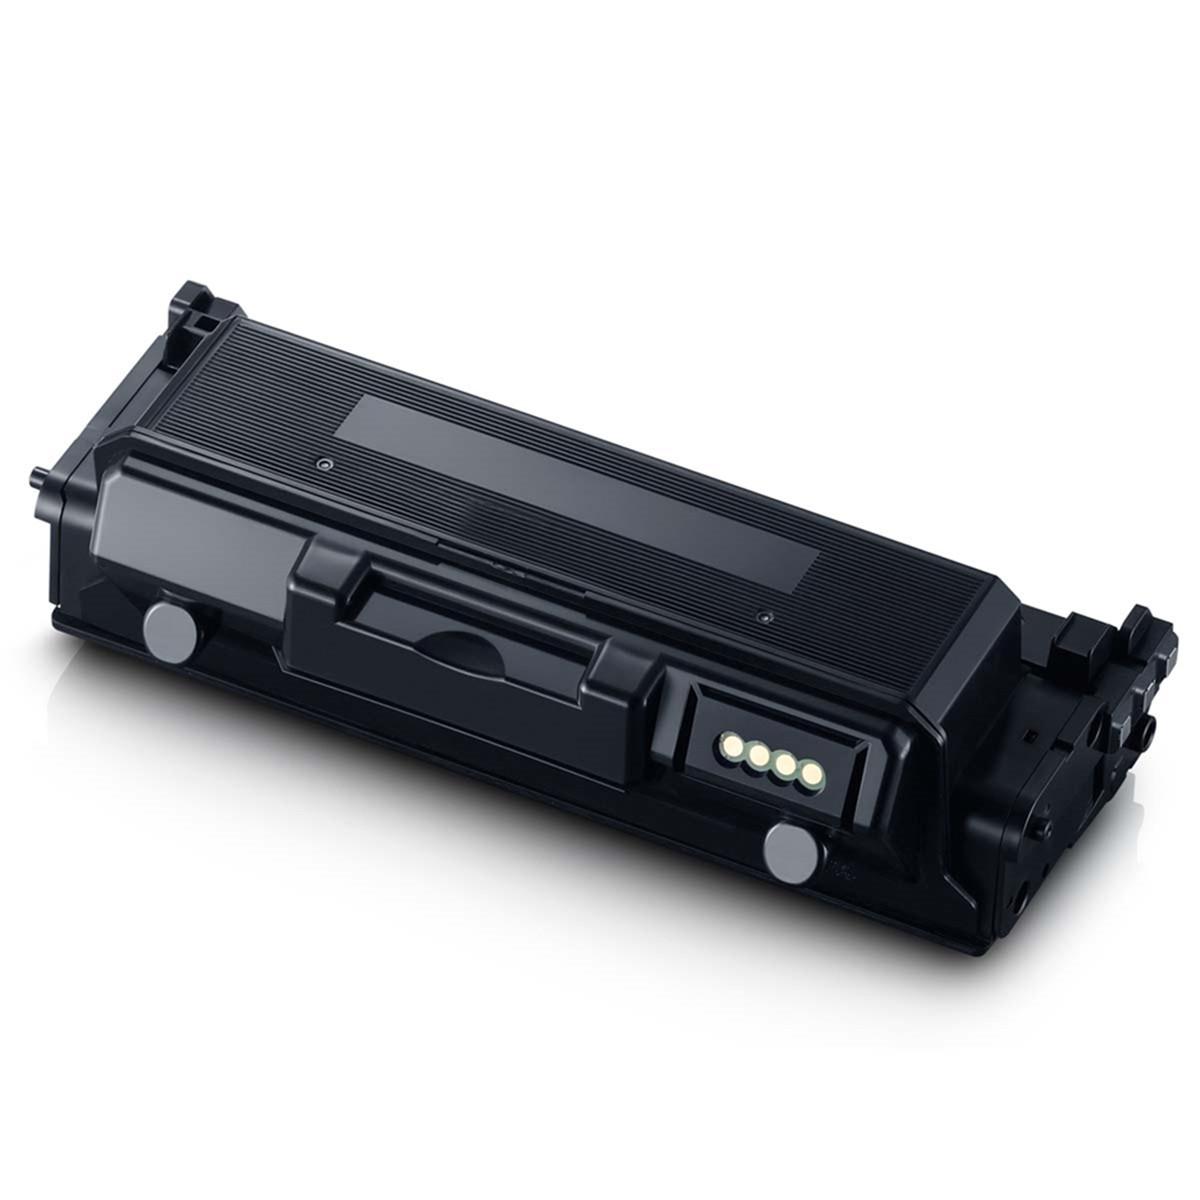 Toner Compatível com Samsung D204 MLT-D204S | M3825 M4025 M3325 M3875 3375 4075 | Premium Quality 2k